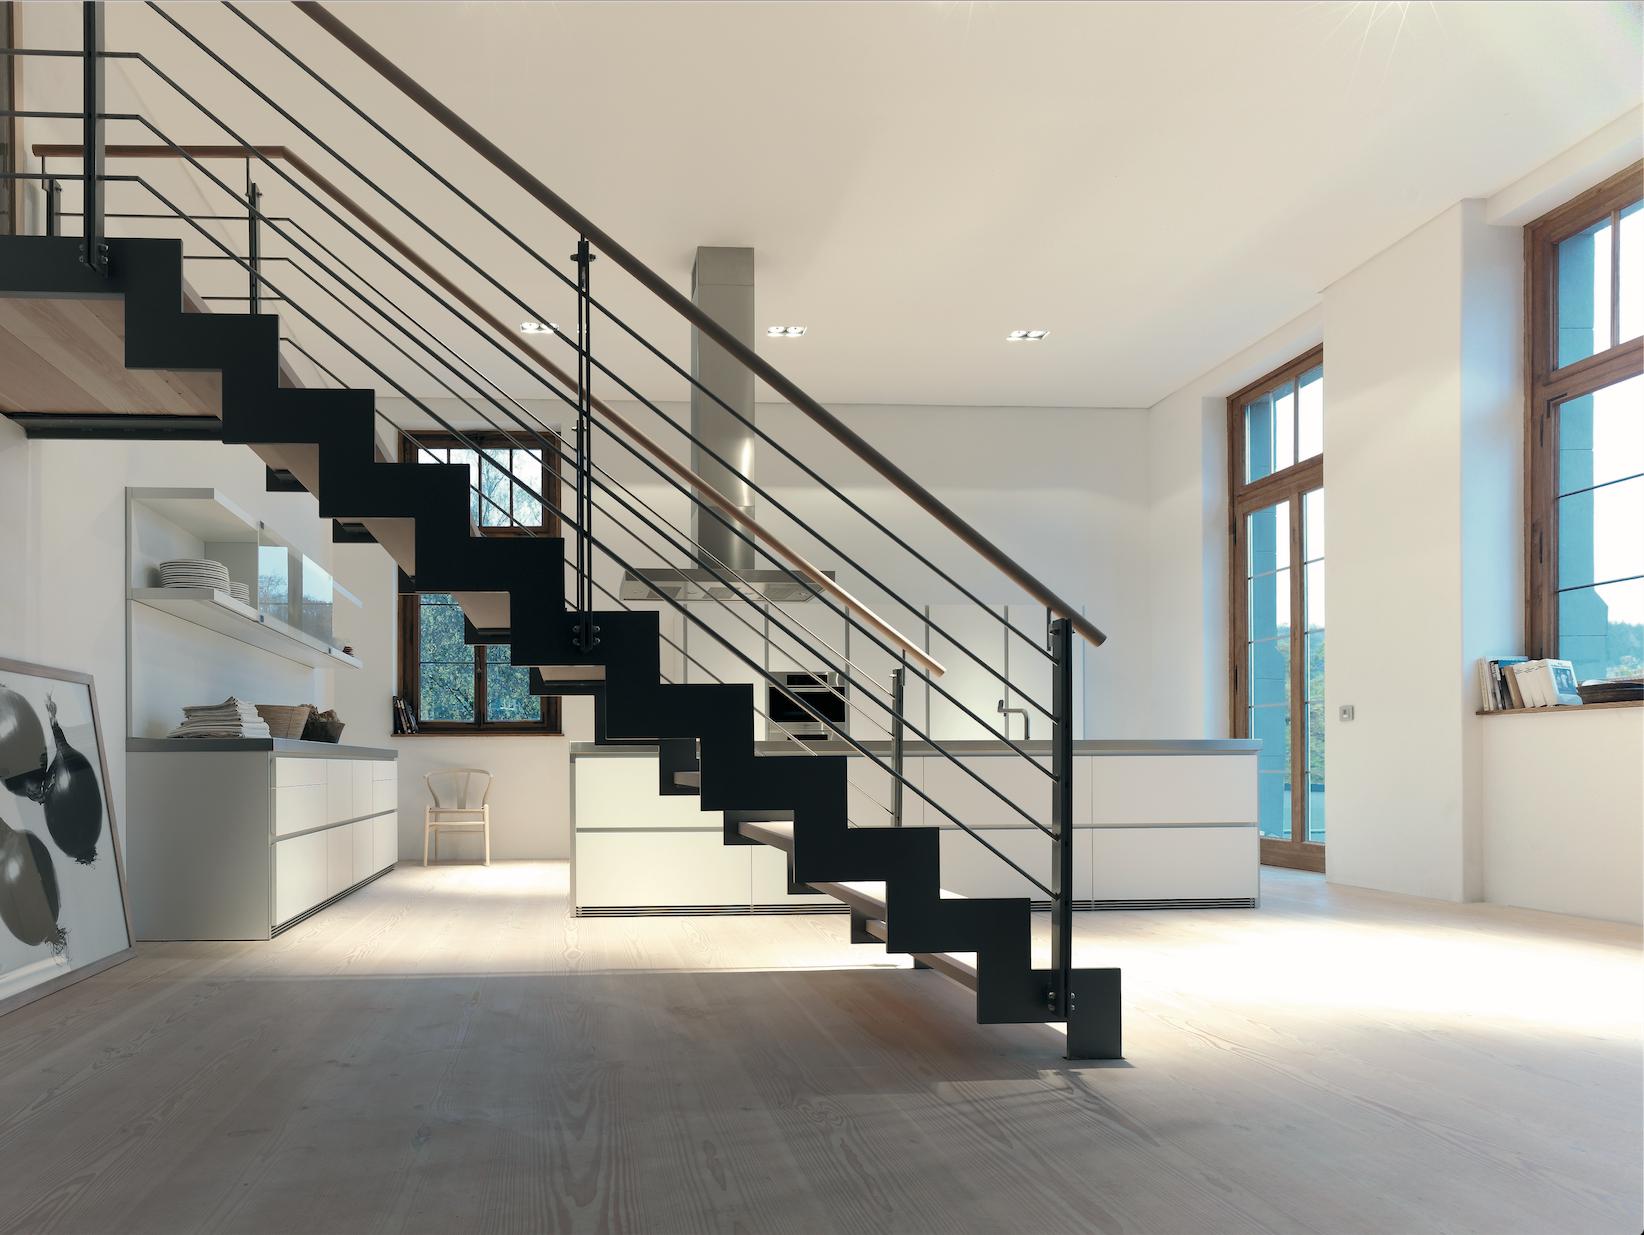 bulthaup - b1 keuken - aan de hand van dit voorbeeld willen we illustreren dat de experts van bulthaup ook in lastige omstandigheden, in ingewikkelde ruimtes en onder complexe architectonische omstandigheden keukens creëren die functioneel zijn, tijdloos en visueel aansprekend